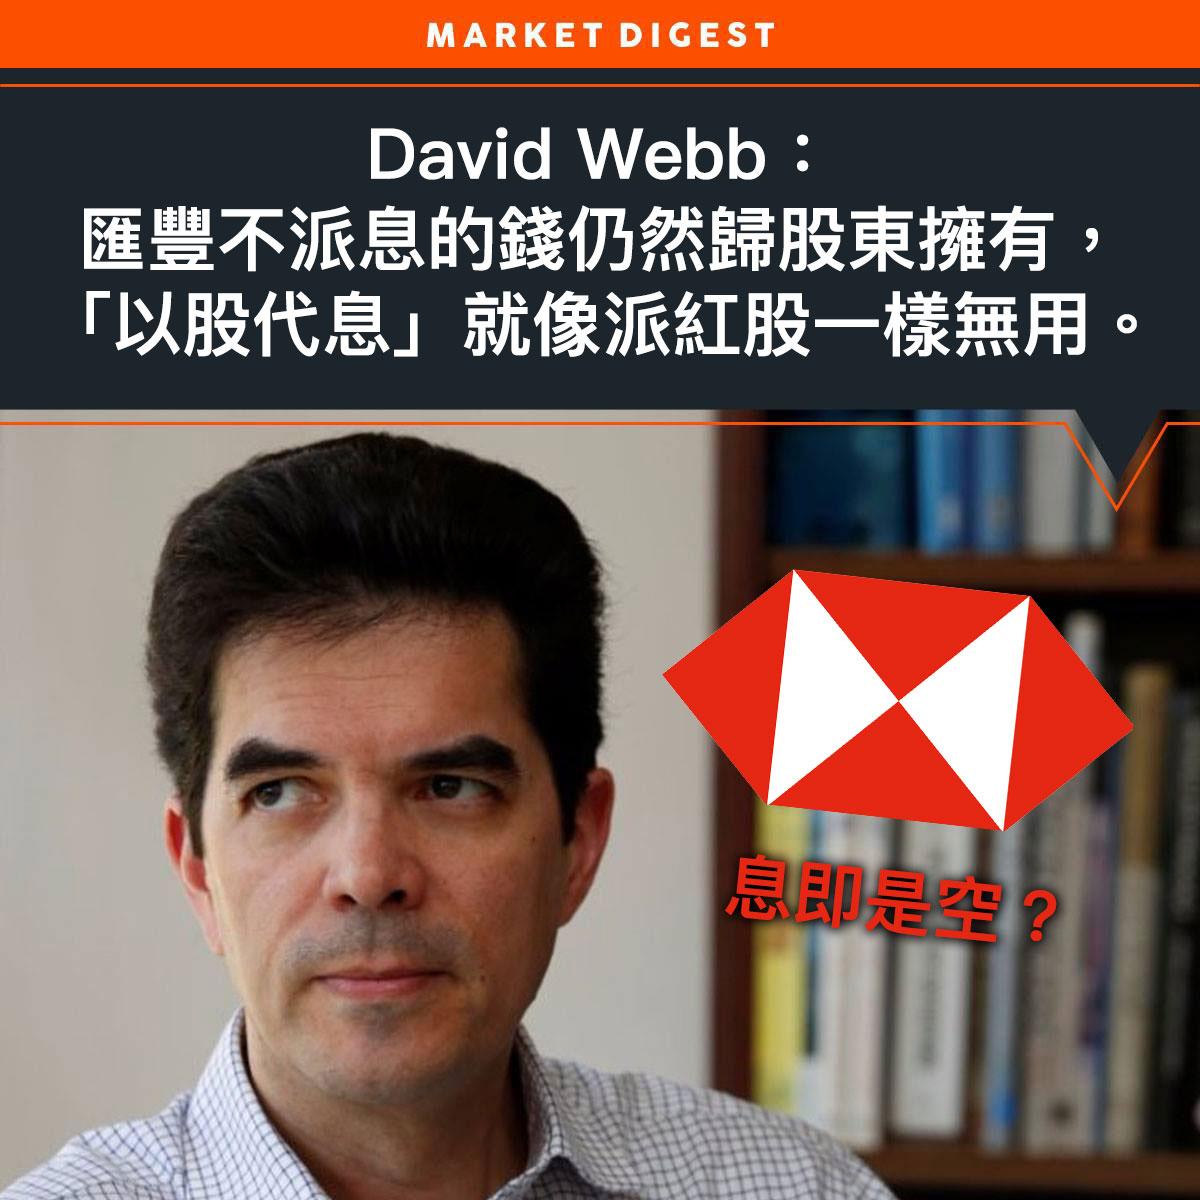 【由零開始學習股票】David Webb:匯豐不派息的錢仍然歸股東擁有,「以股代息」就像派紅股一樣無用